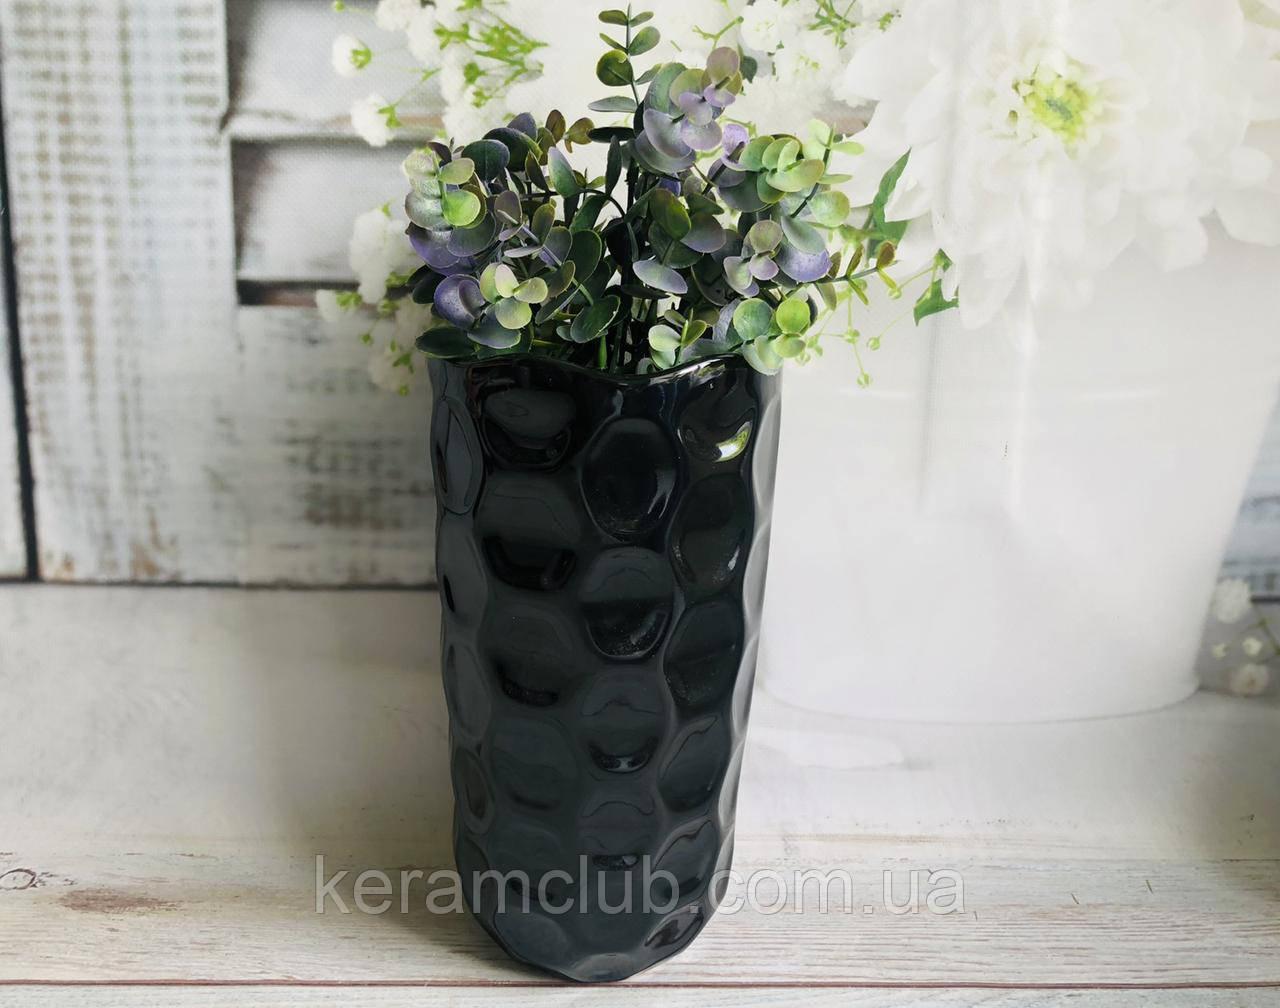 Настільна ваза КерамКлуб Венера в чорному кольорі h 26 см